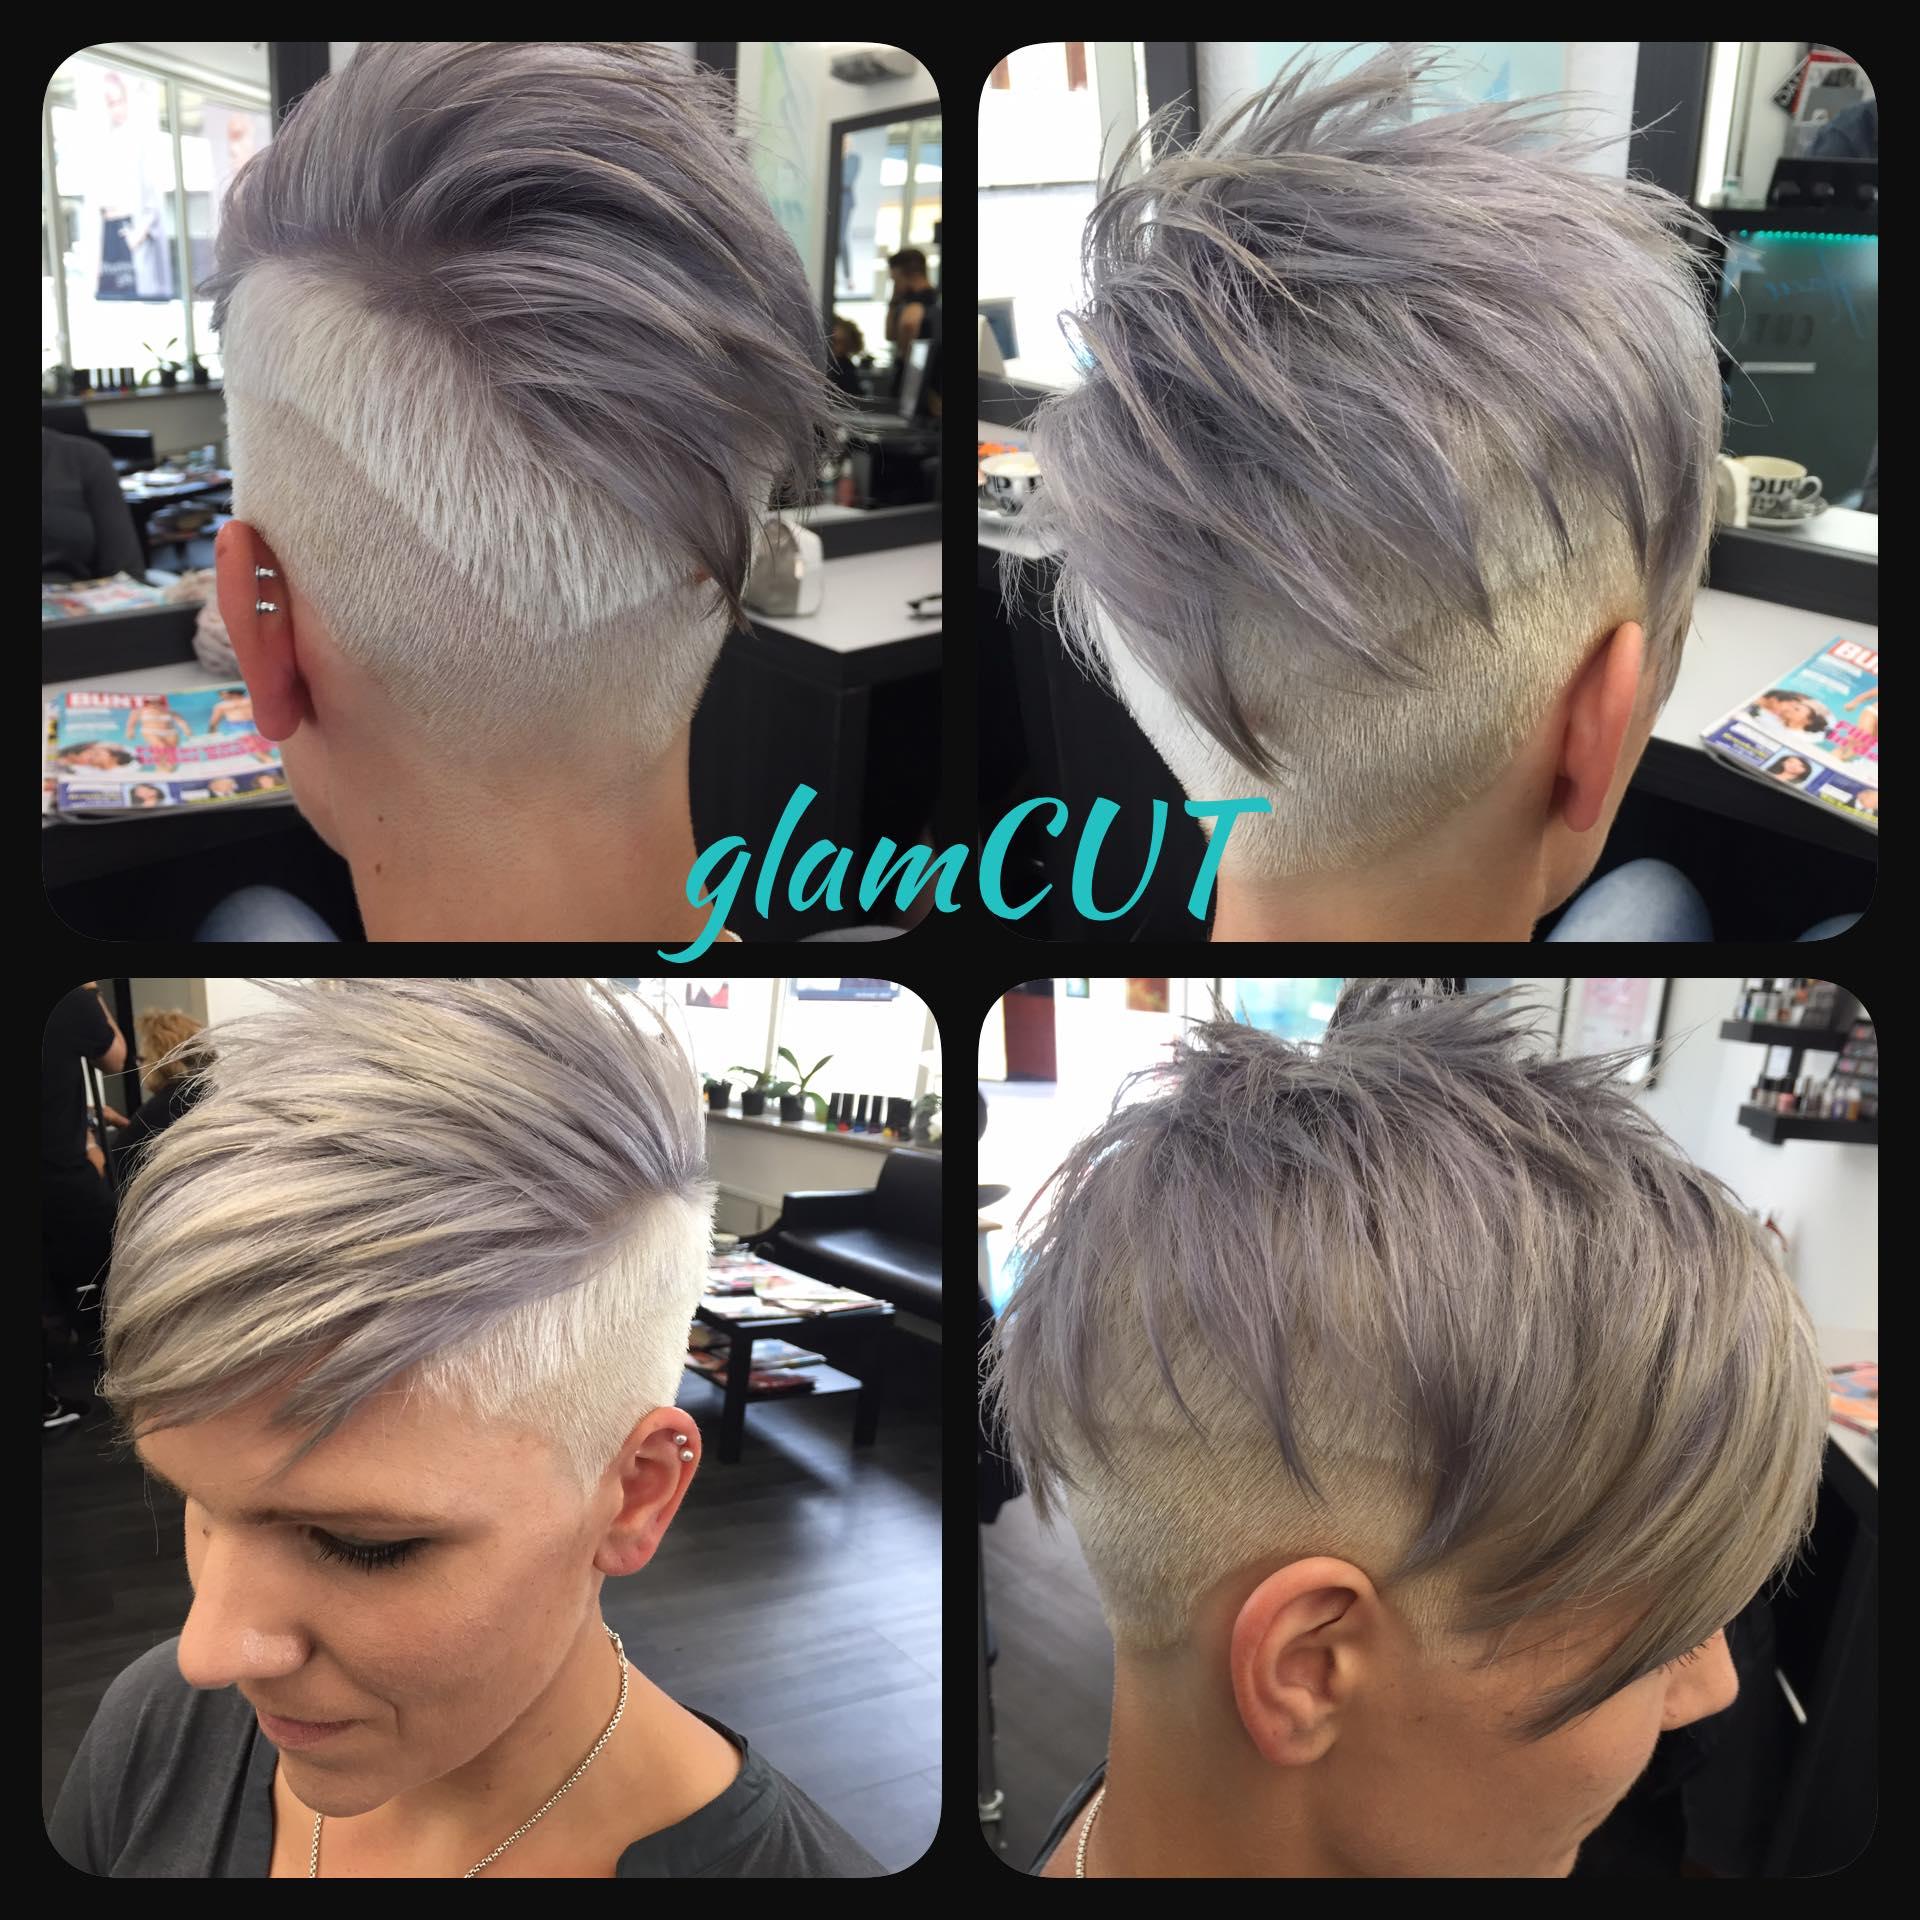 glamcut-bayreuth-silver-hair